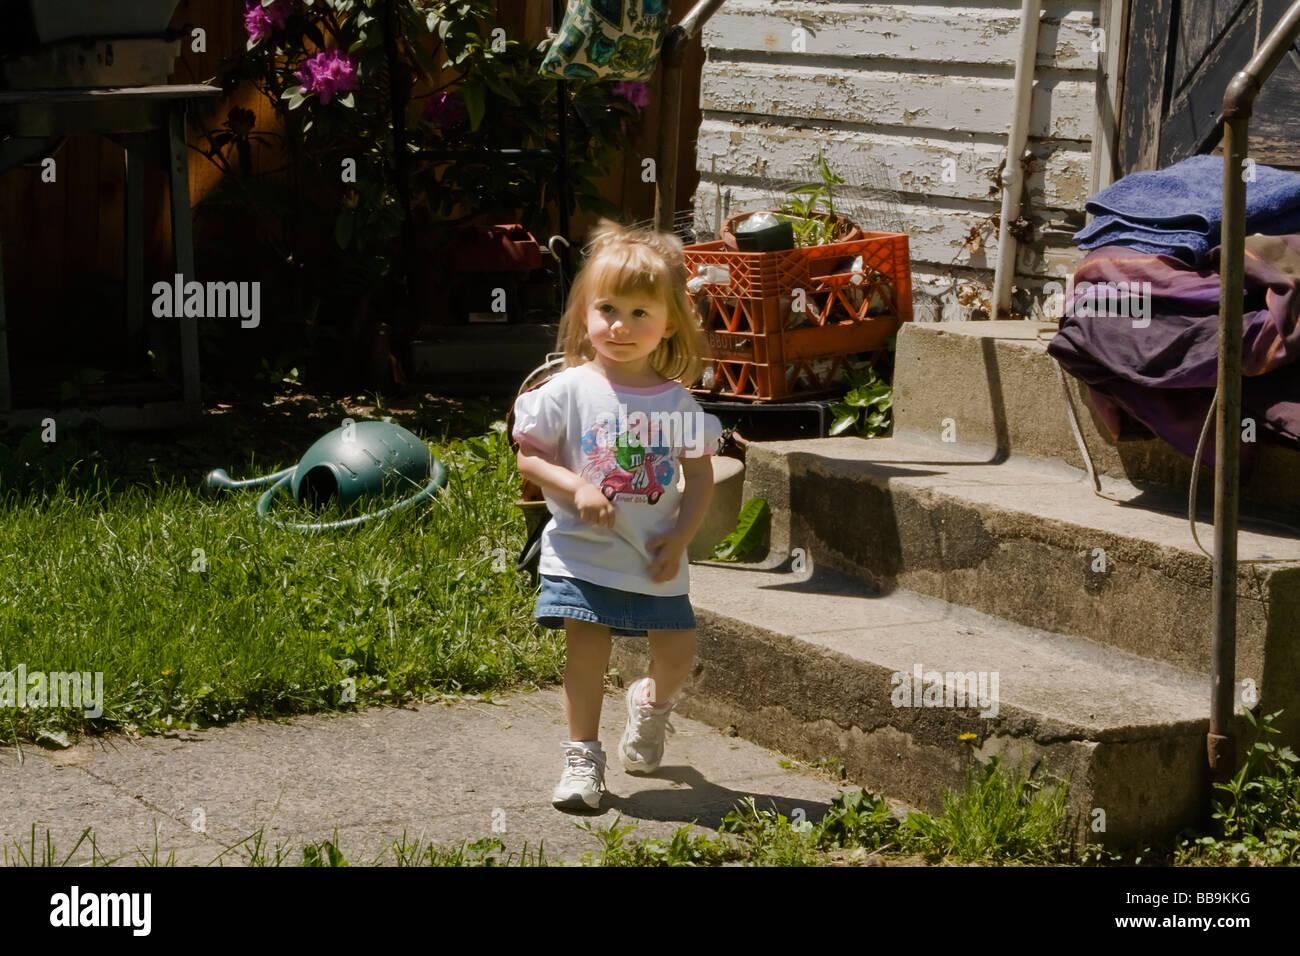 Petite fille en mouvement Photo Stock